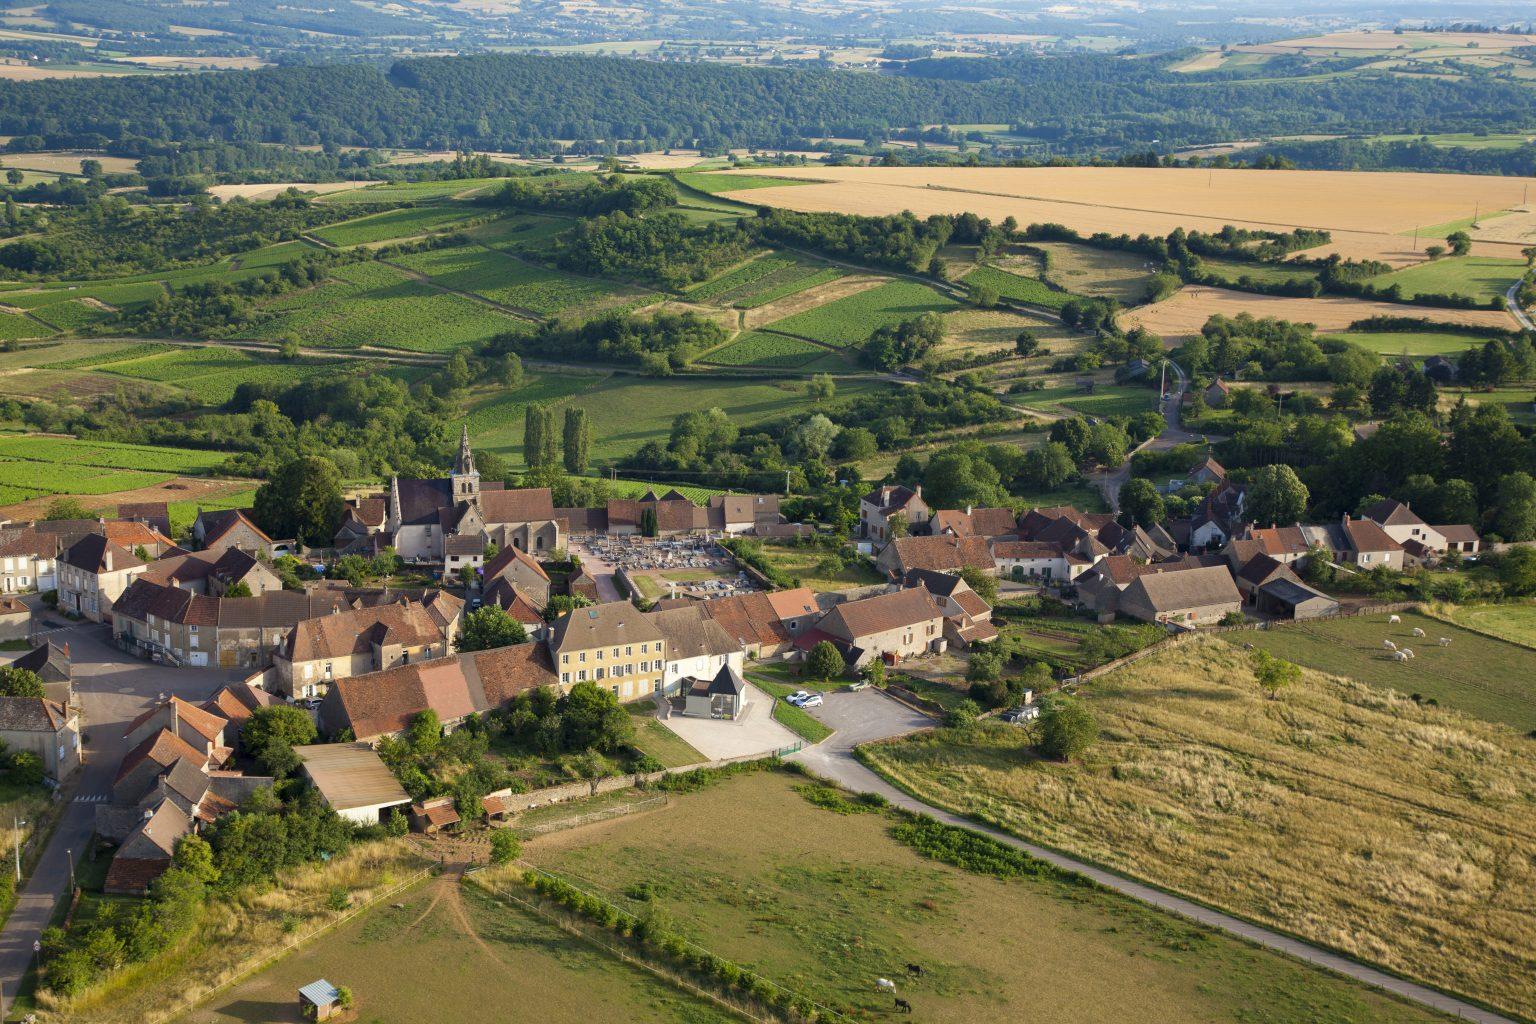 The village and vineyards of Saint-Sernin-du-Plain in Bourgogne, France